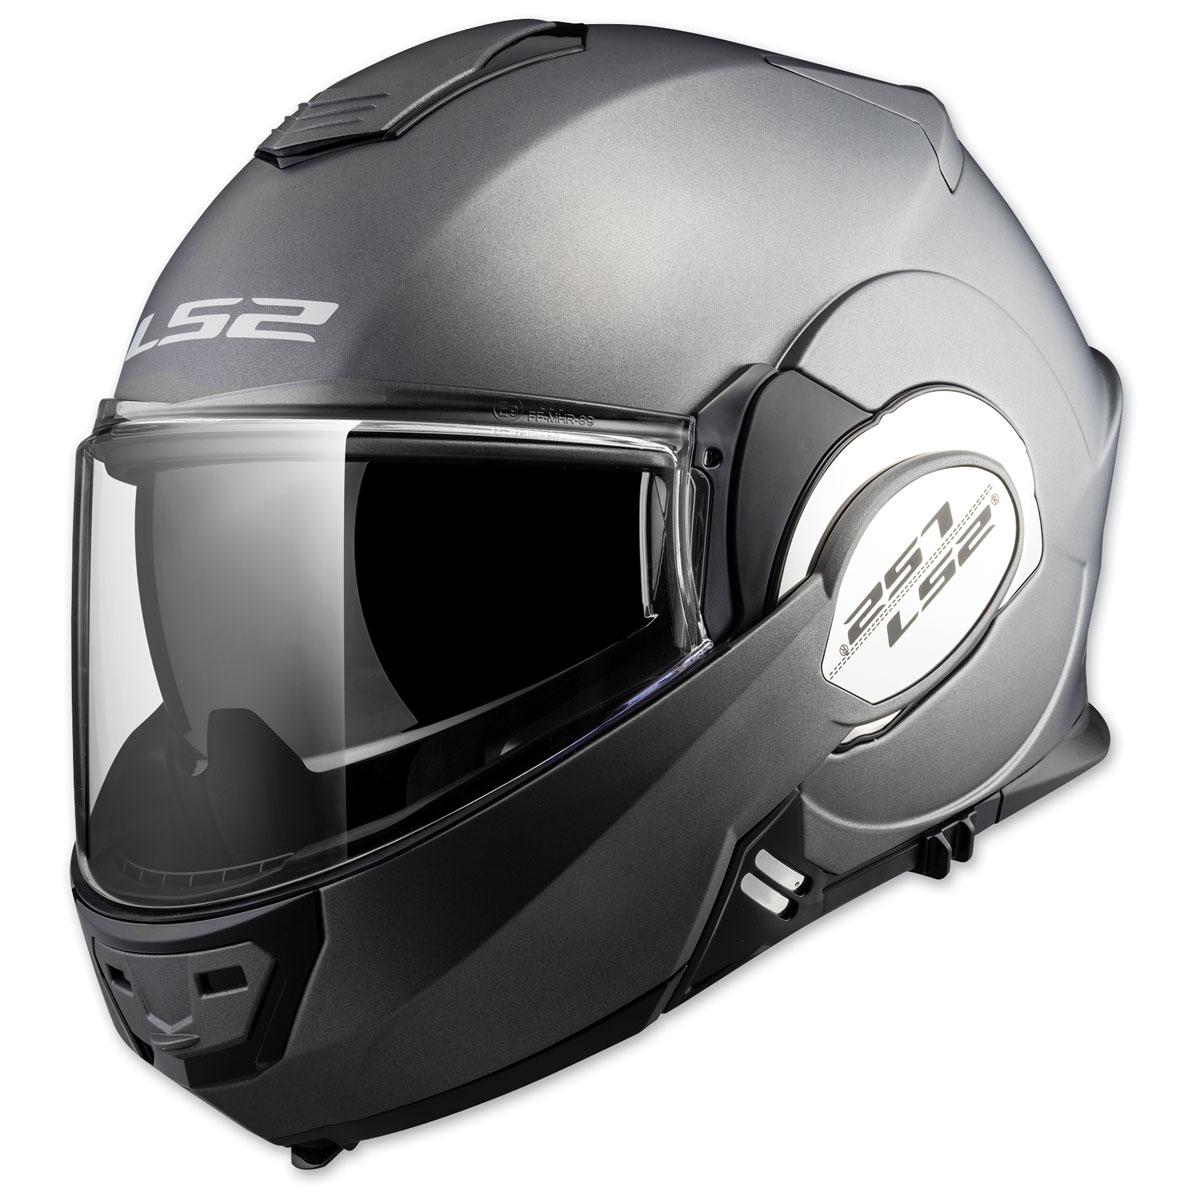 LS2 Valiant Matte Titanium Modular Helmet